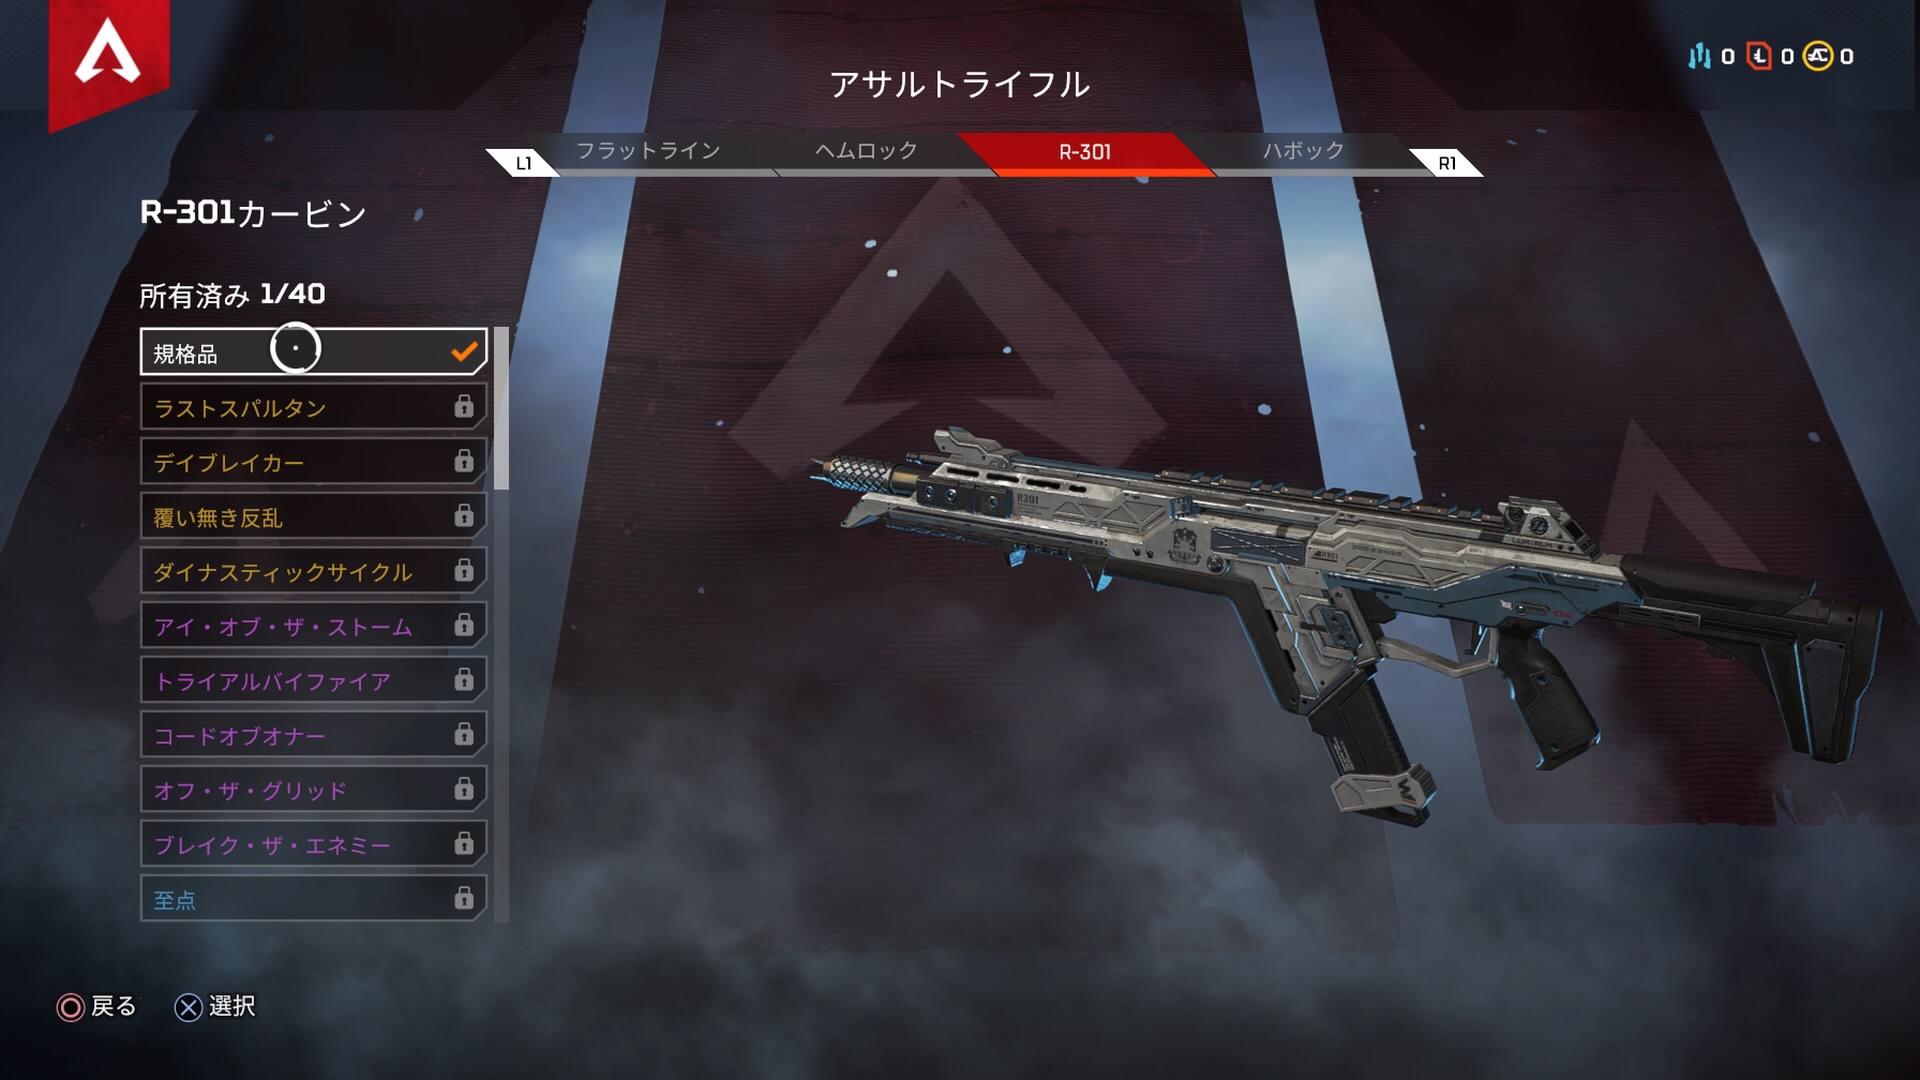 ス 武器 エイペック